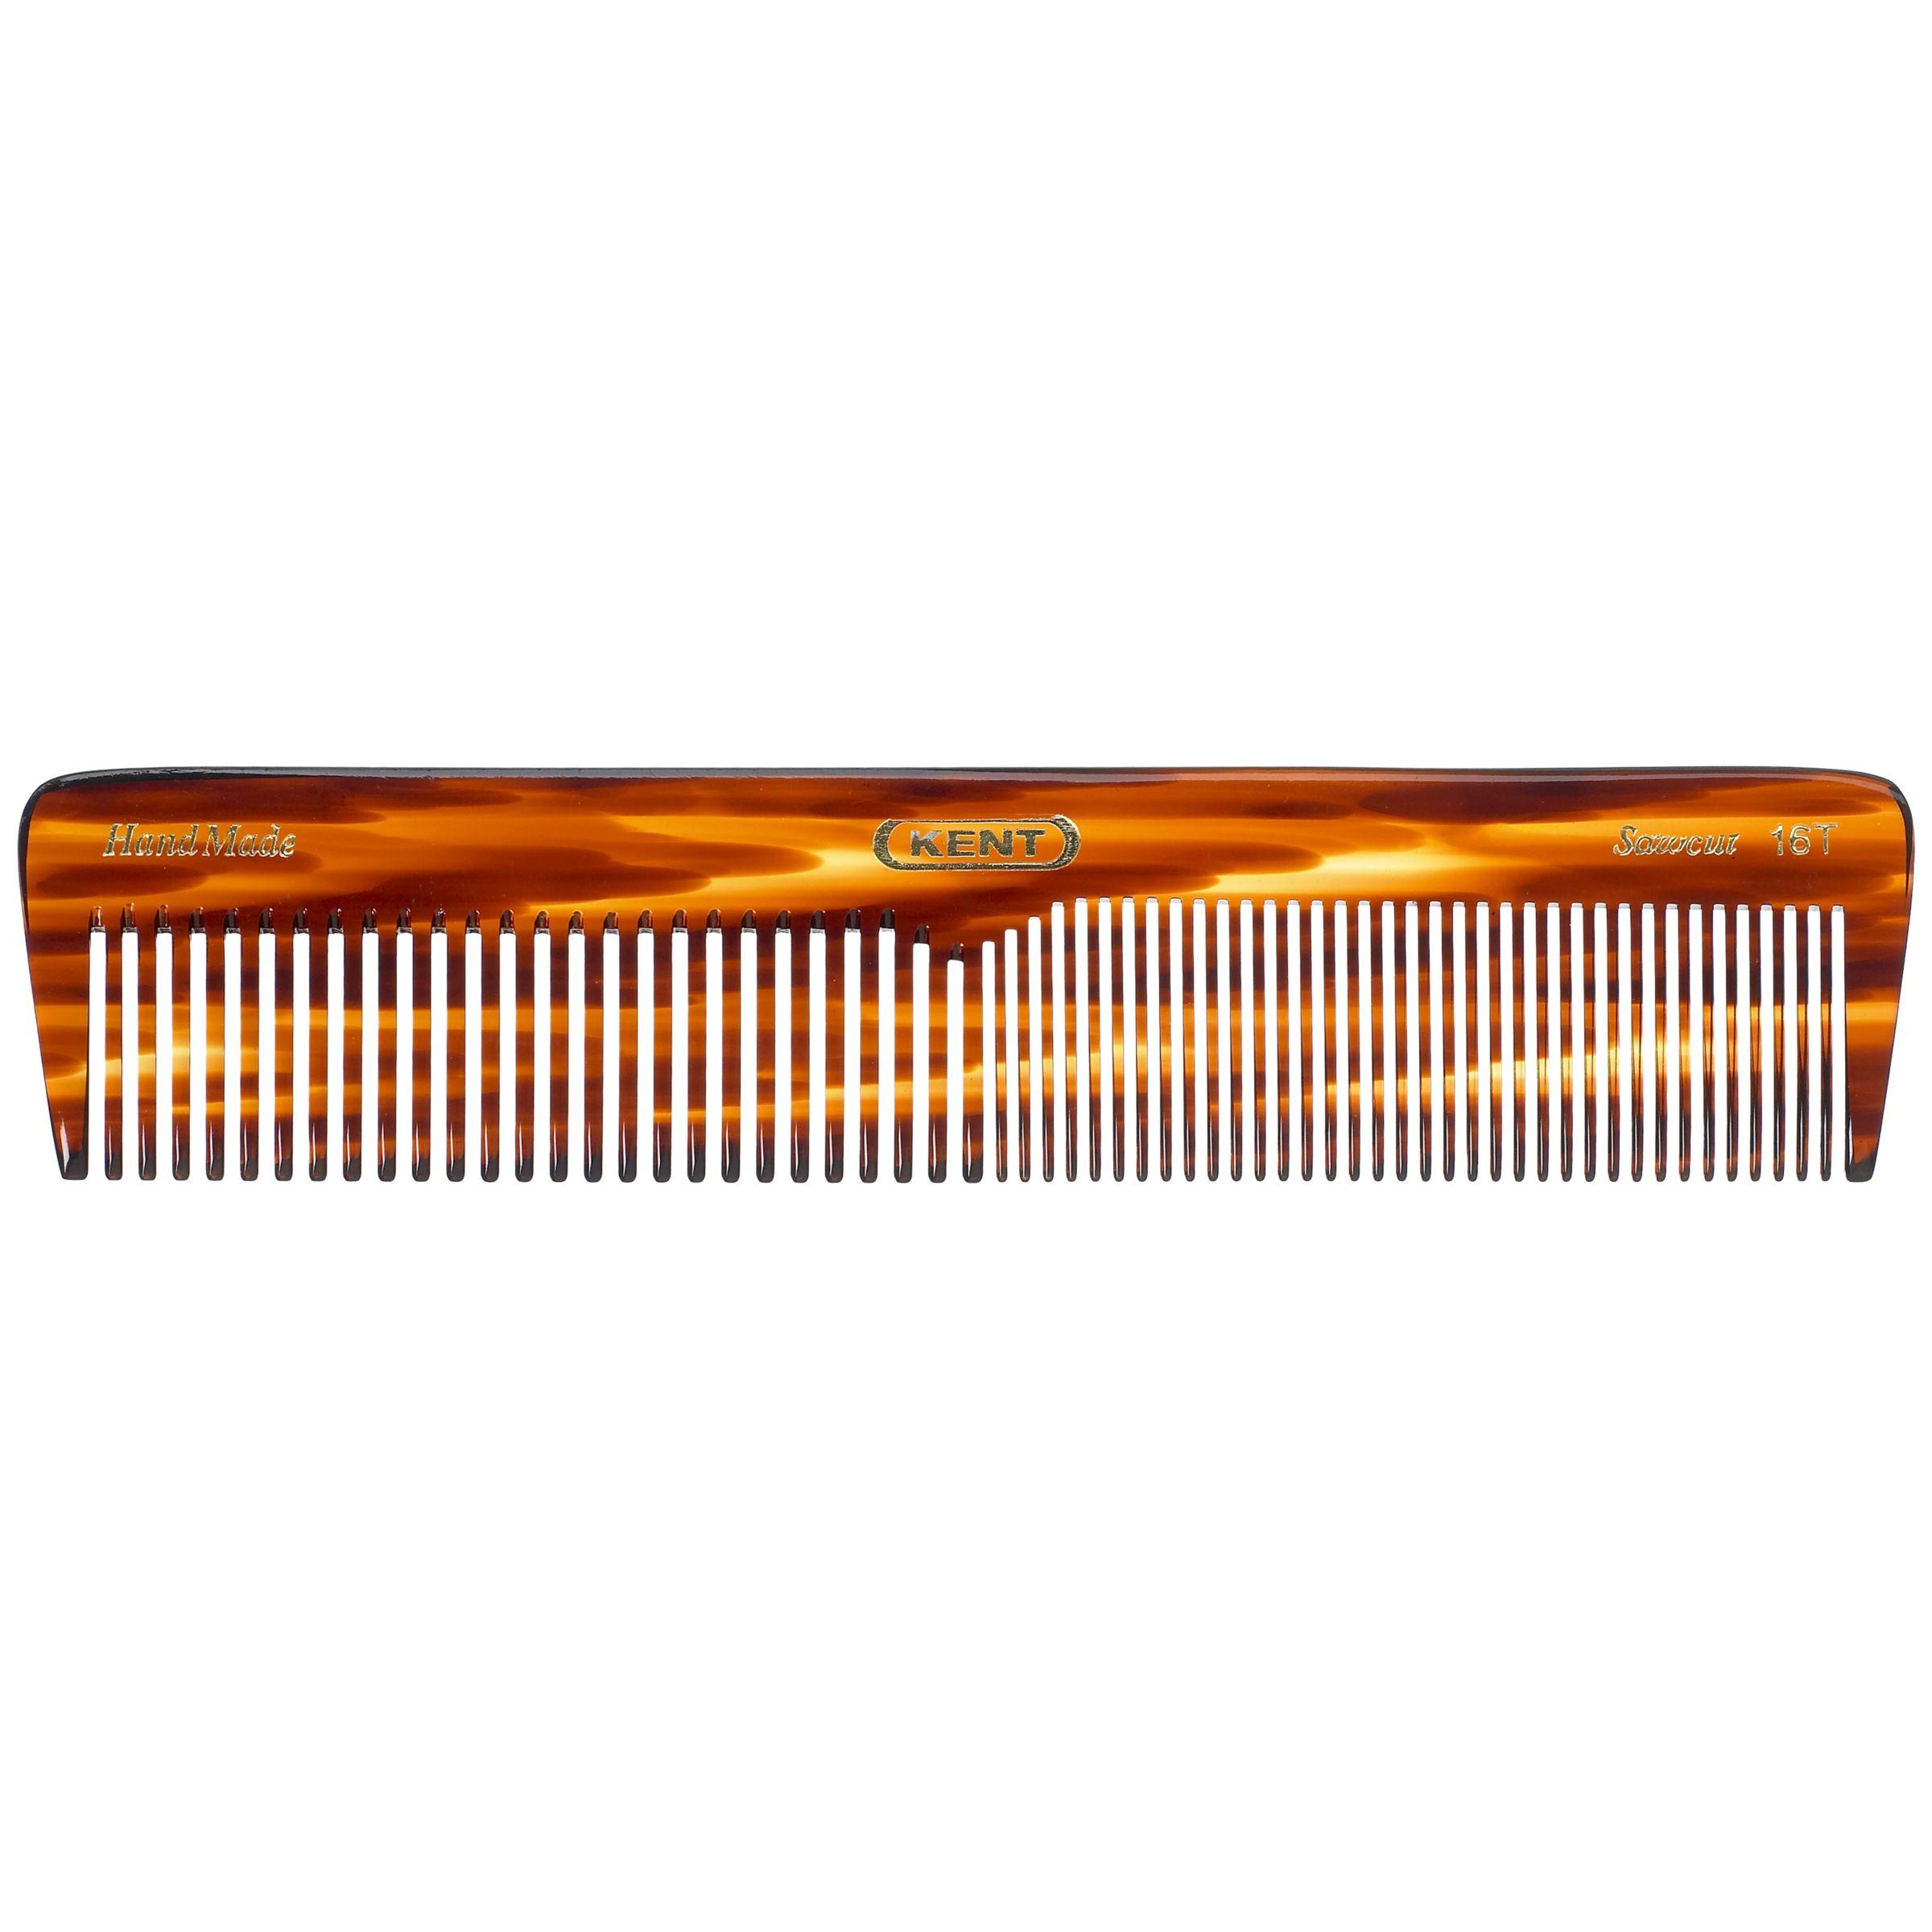 Kent Kent Handmade Comb